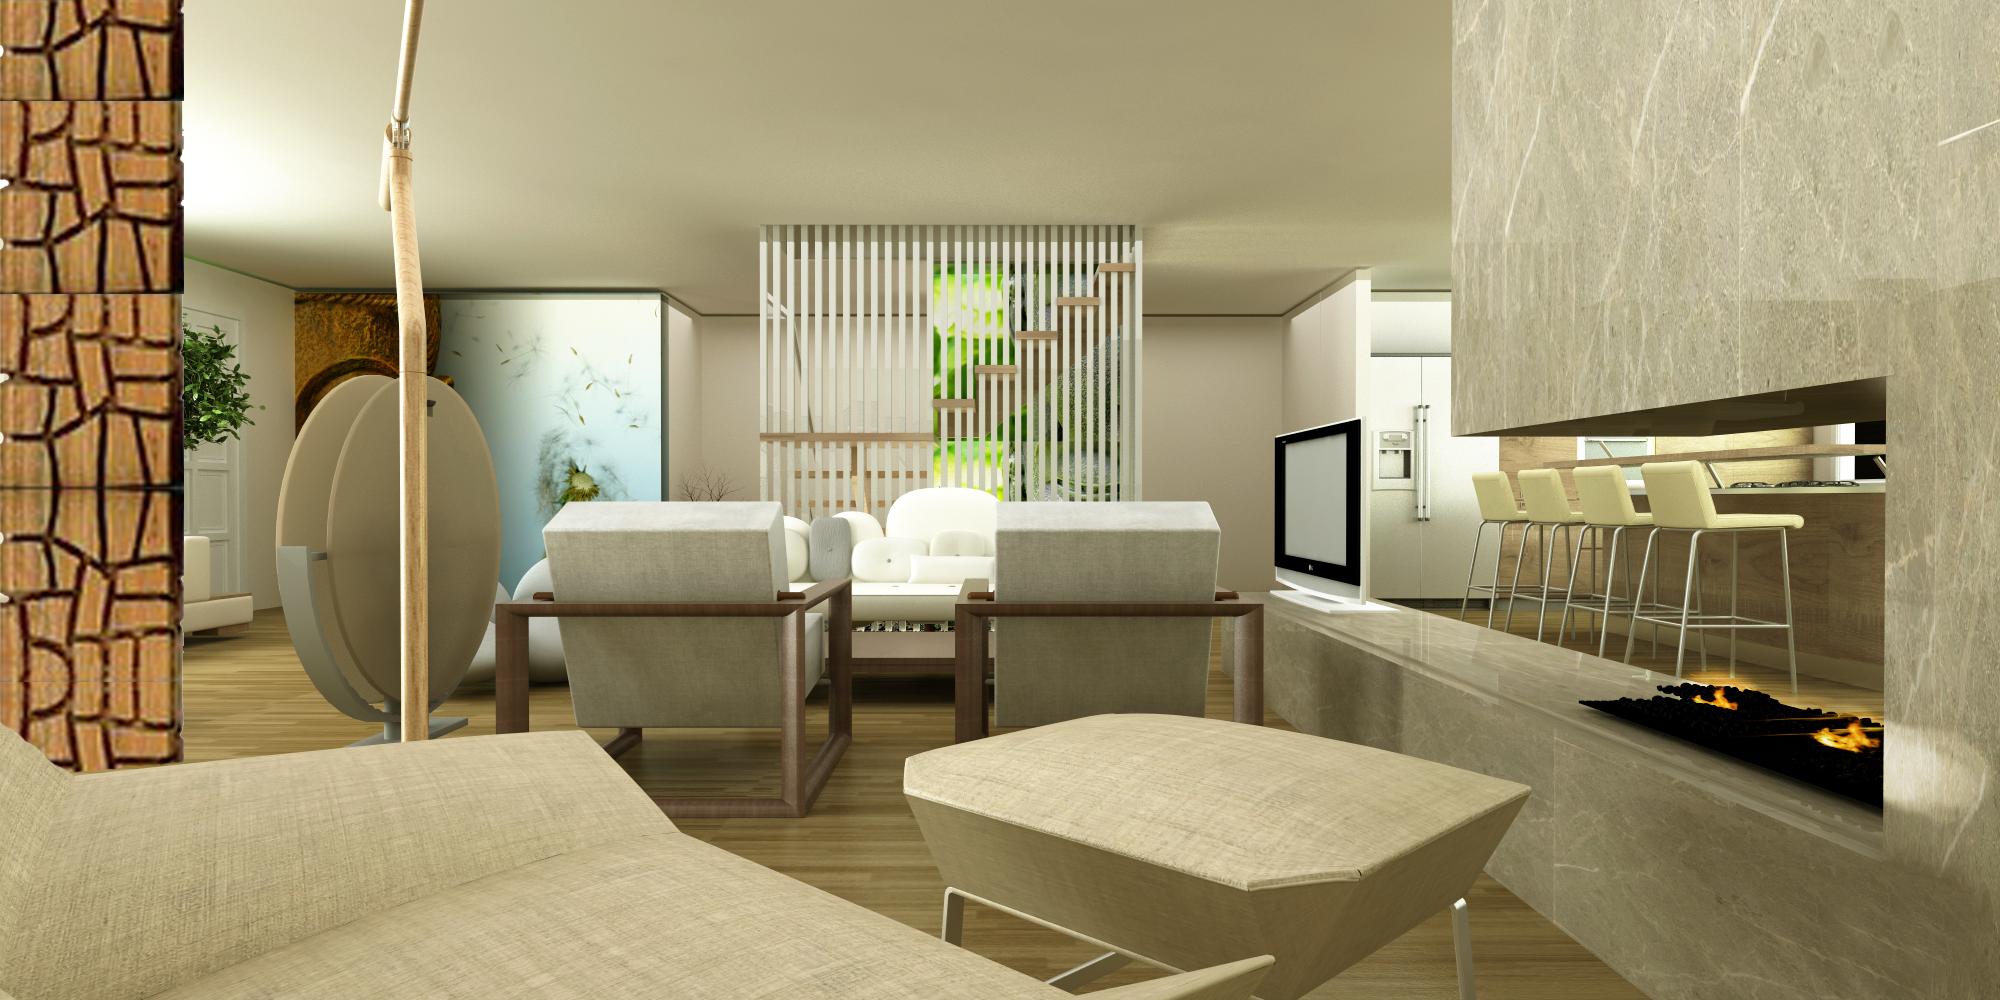 Viewdesignerproject projectliving room for Living room zen design